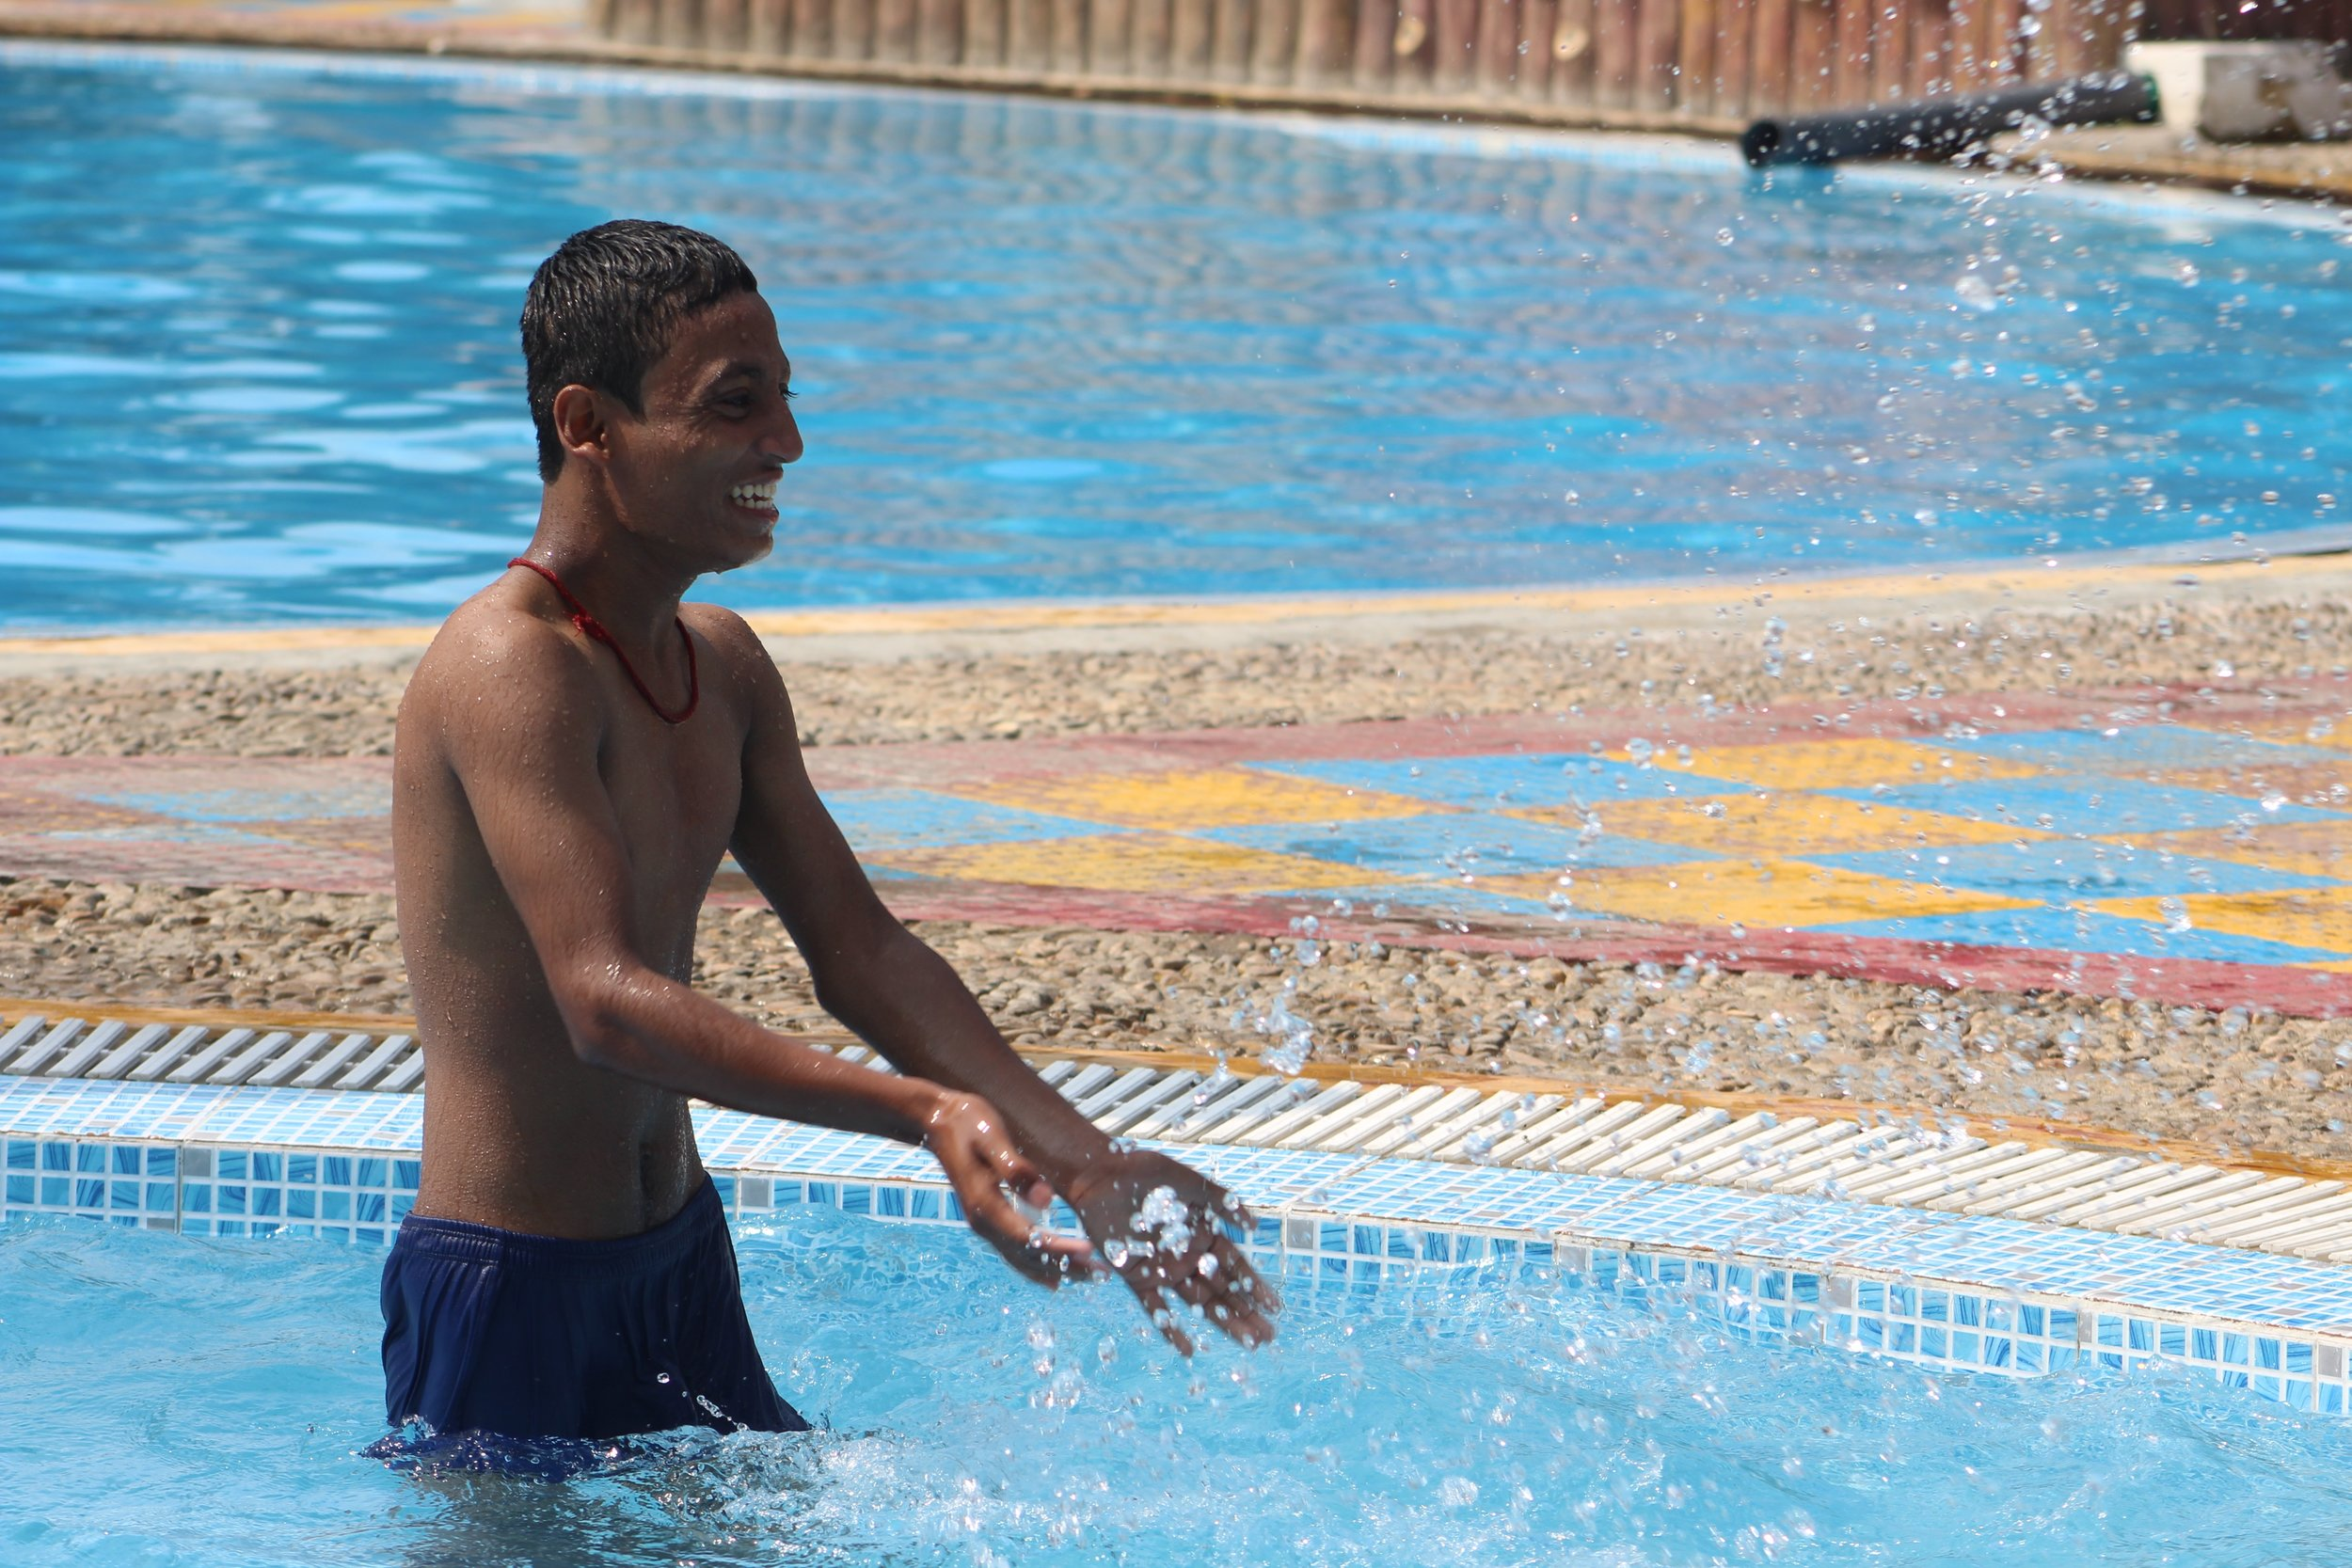 satyam_swimming.jpg